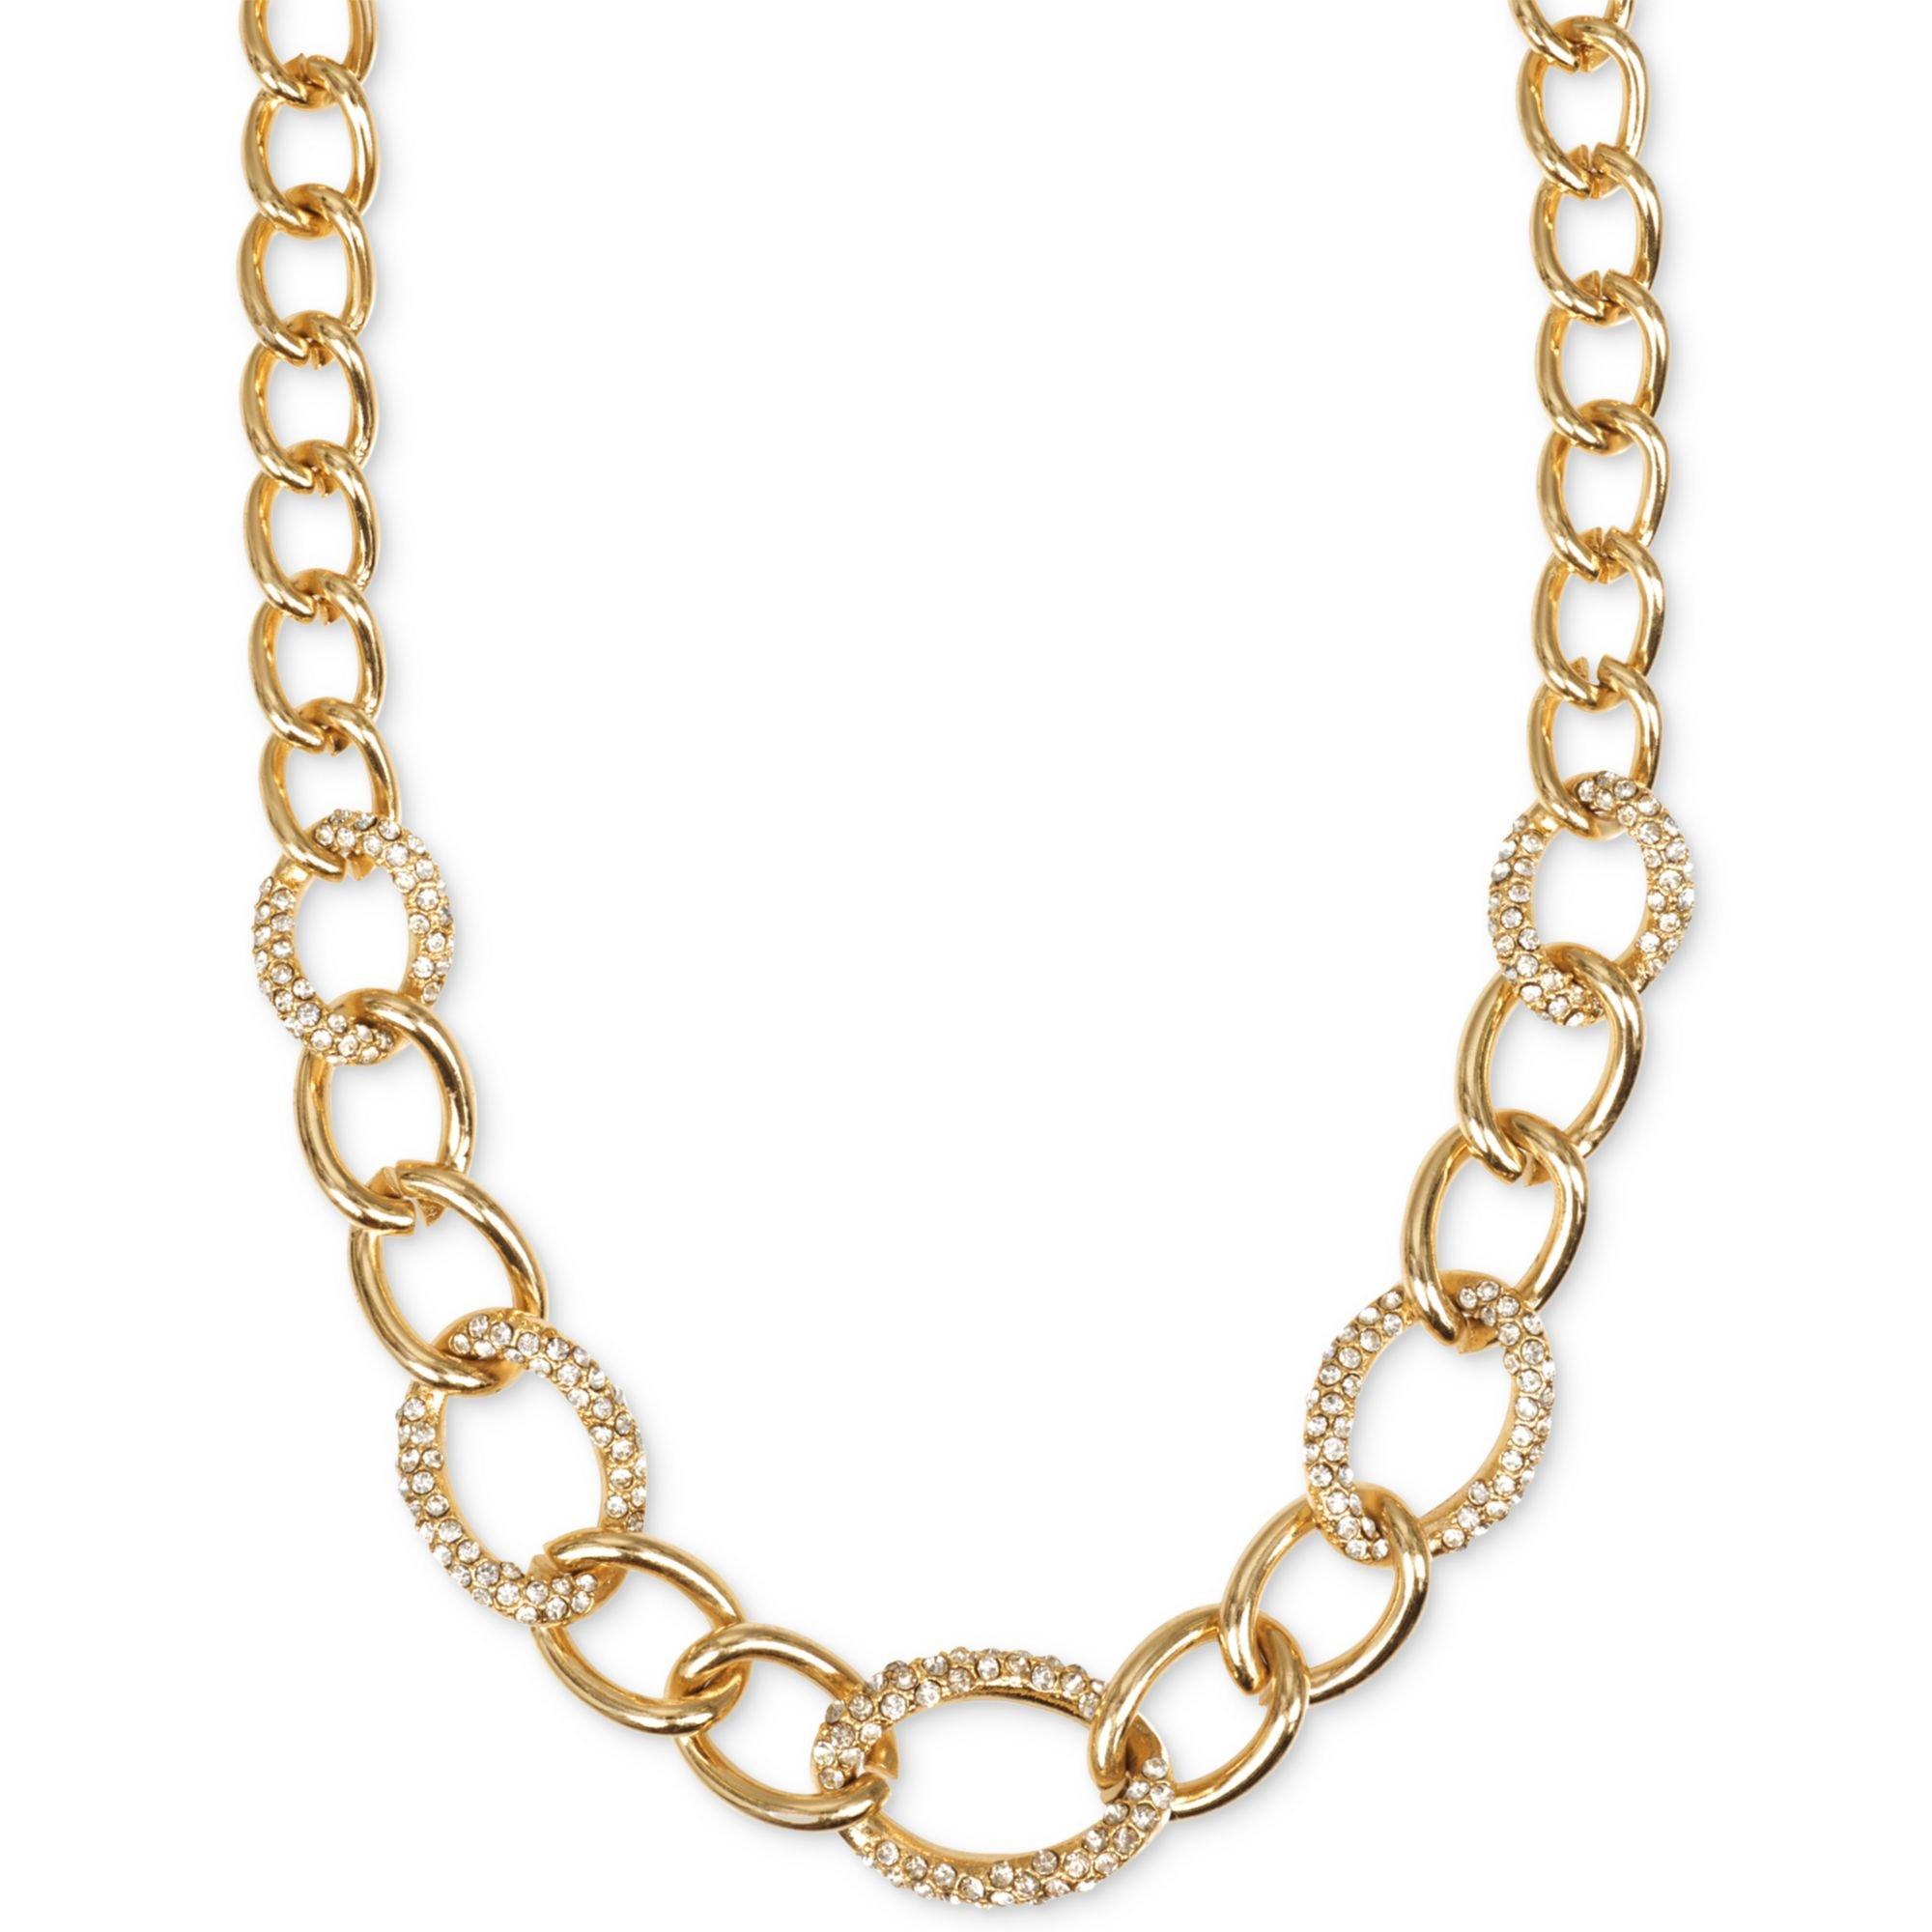 jones new york goldtone pave crystal link collar necklace. Black Bedroom Furniture Sets. Home Design Ideas